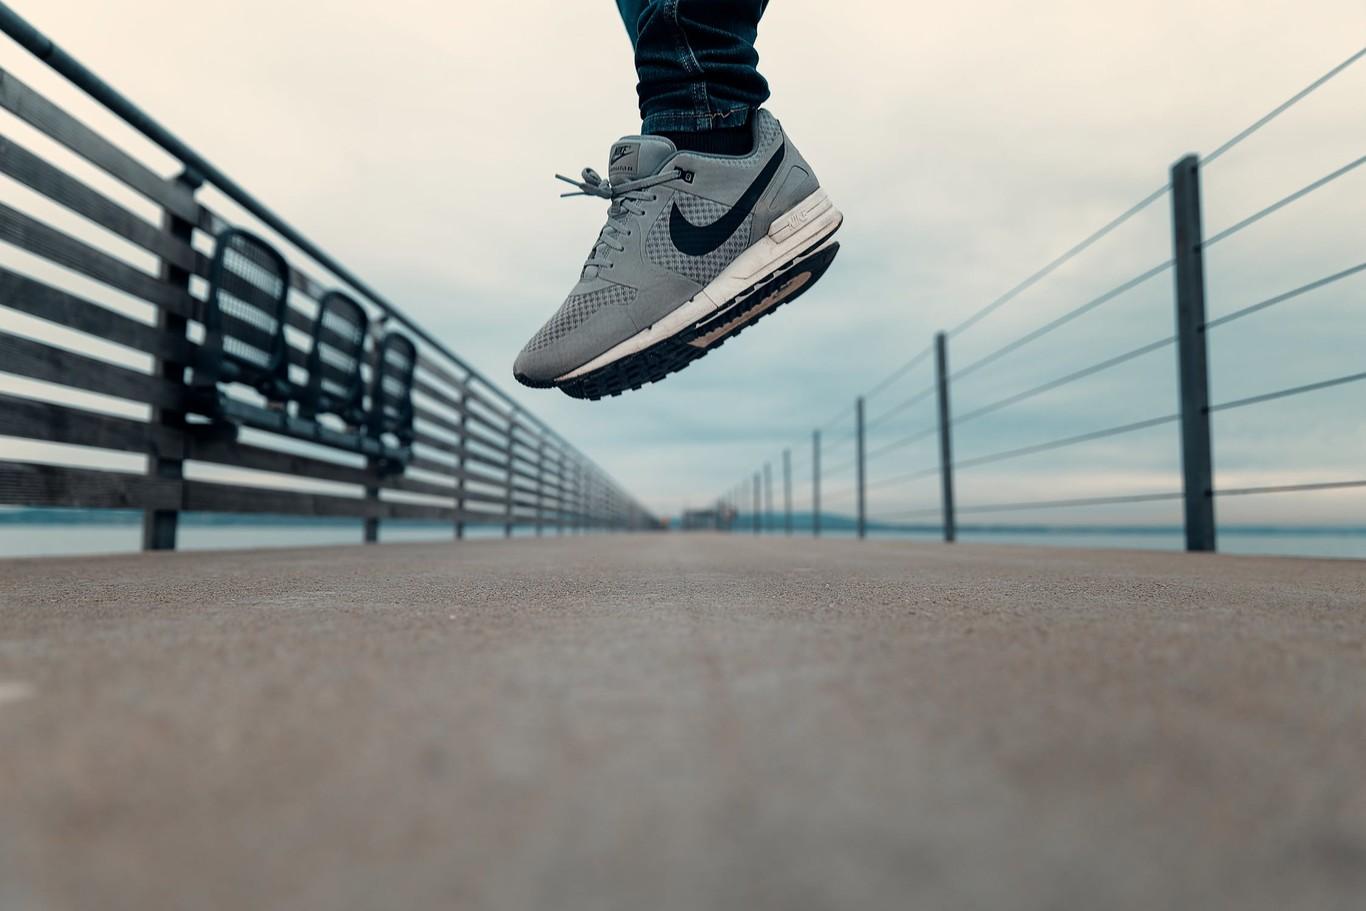 Cupón de descuento del 15% en eBay: mochilas Quiksilver, zapatillas Nike y polos Adidas rebajados